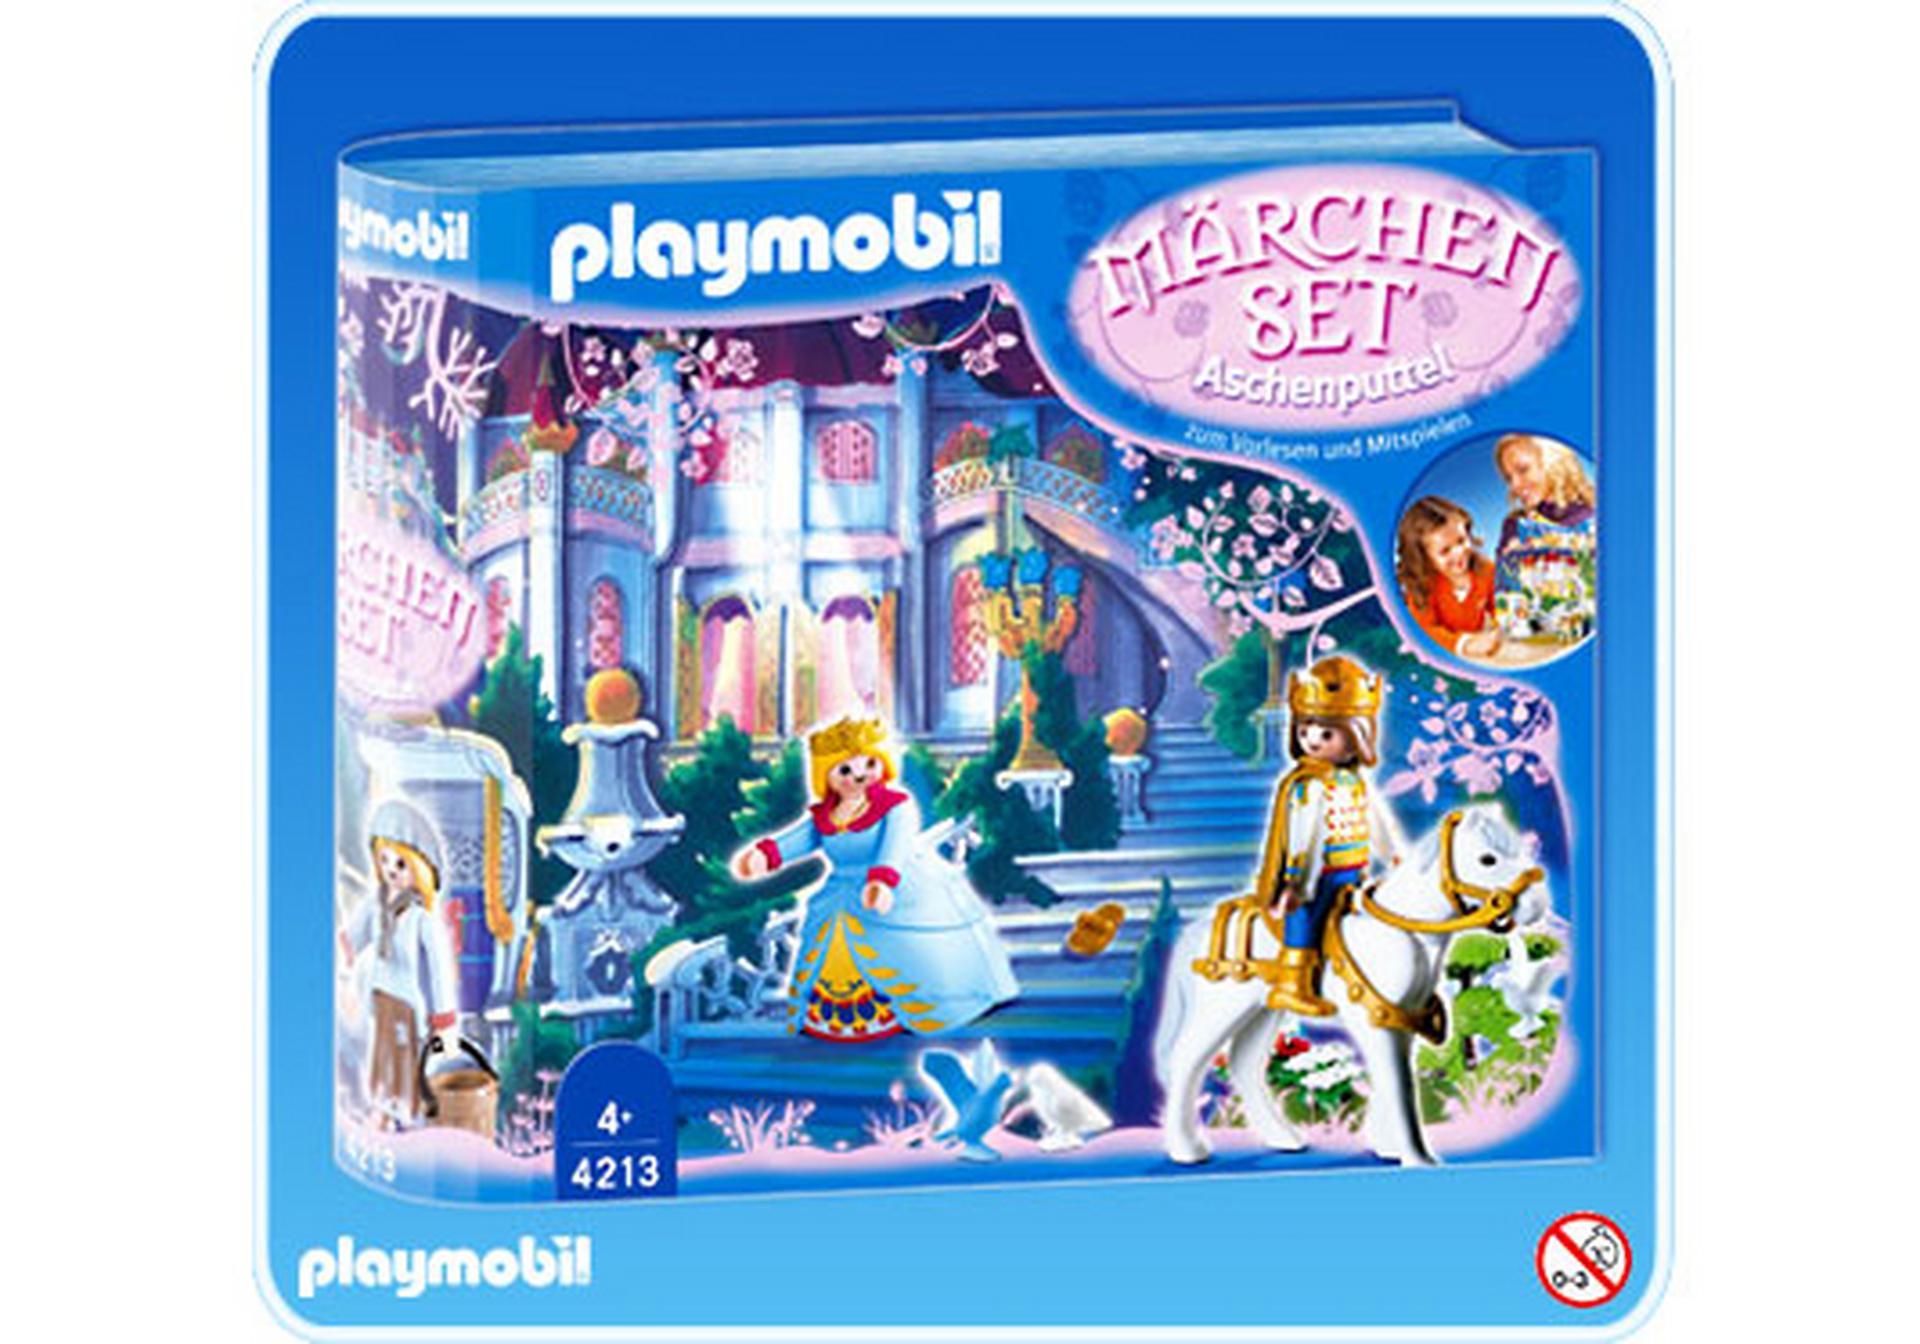 MärchenSet - Aschenputtel - 4213-A - PLAYMOBIL® Österreich